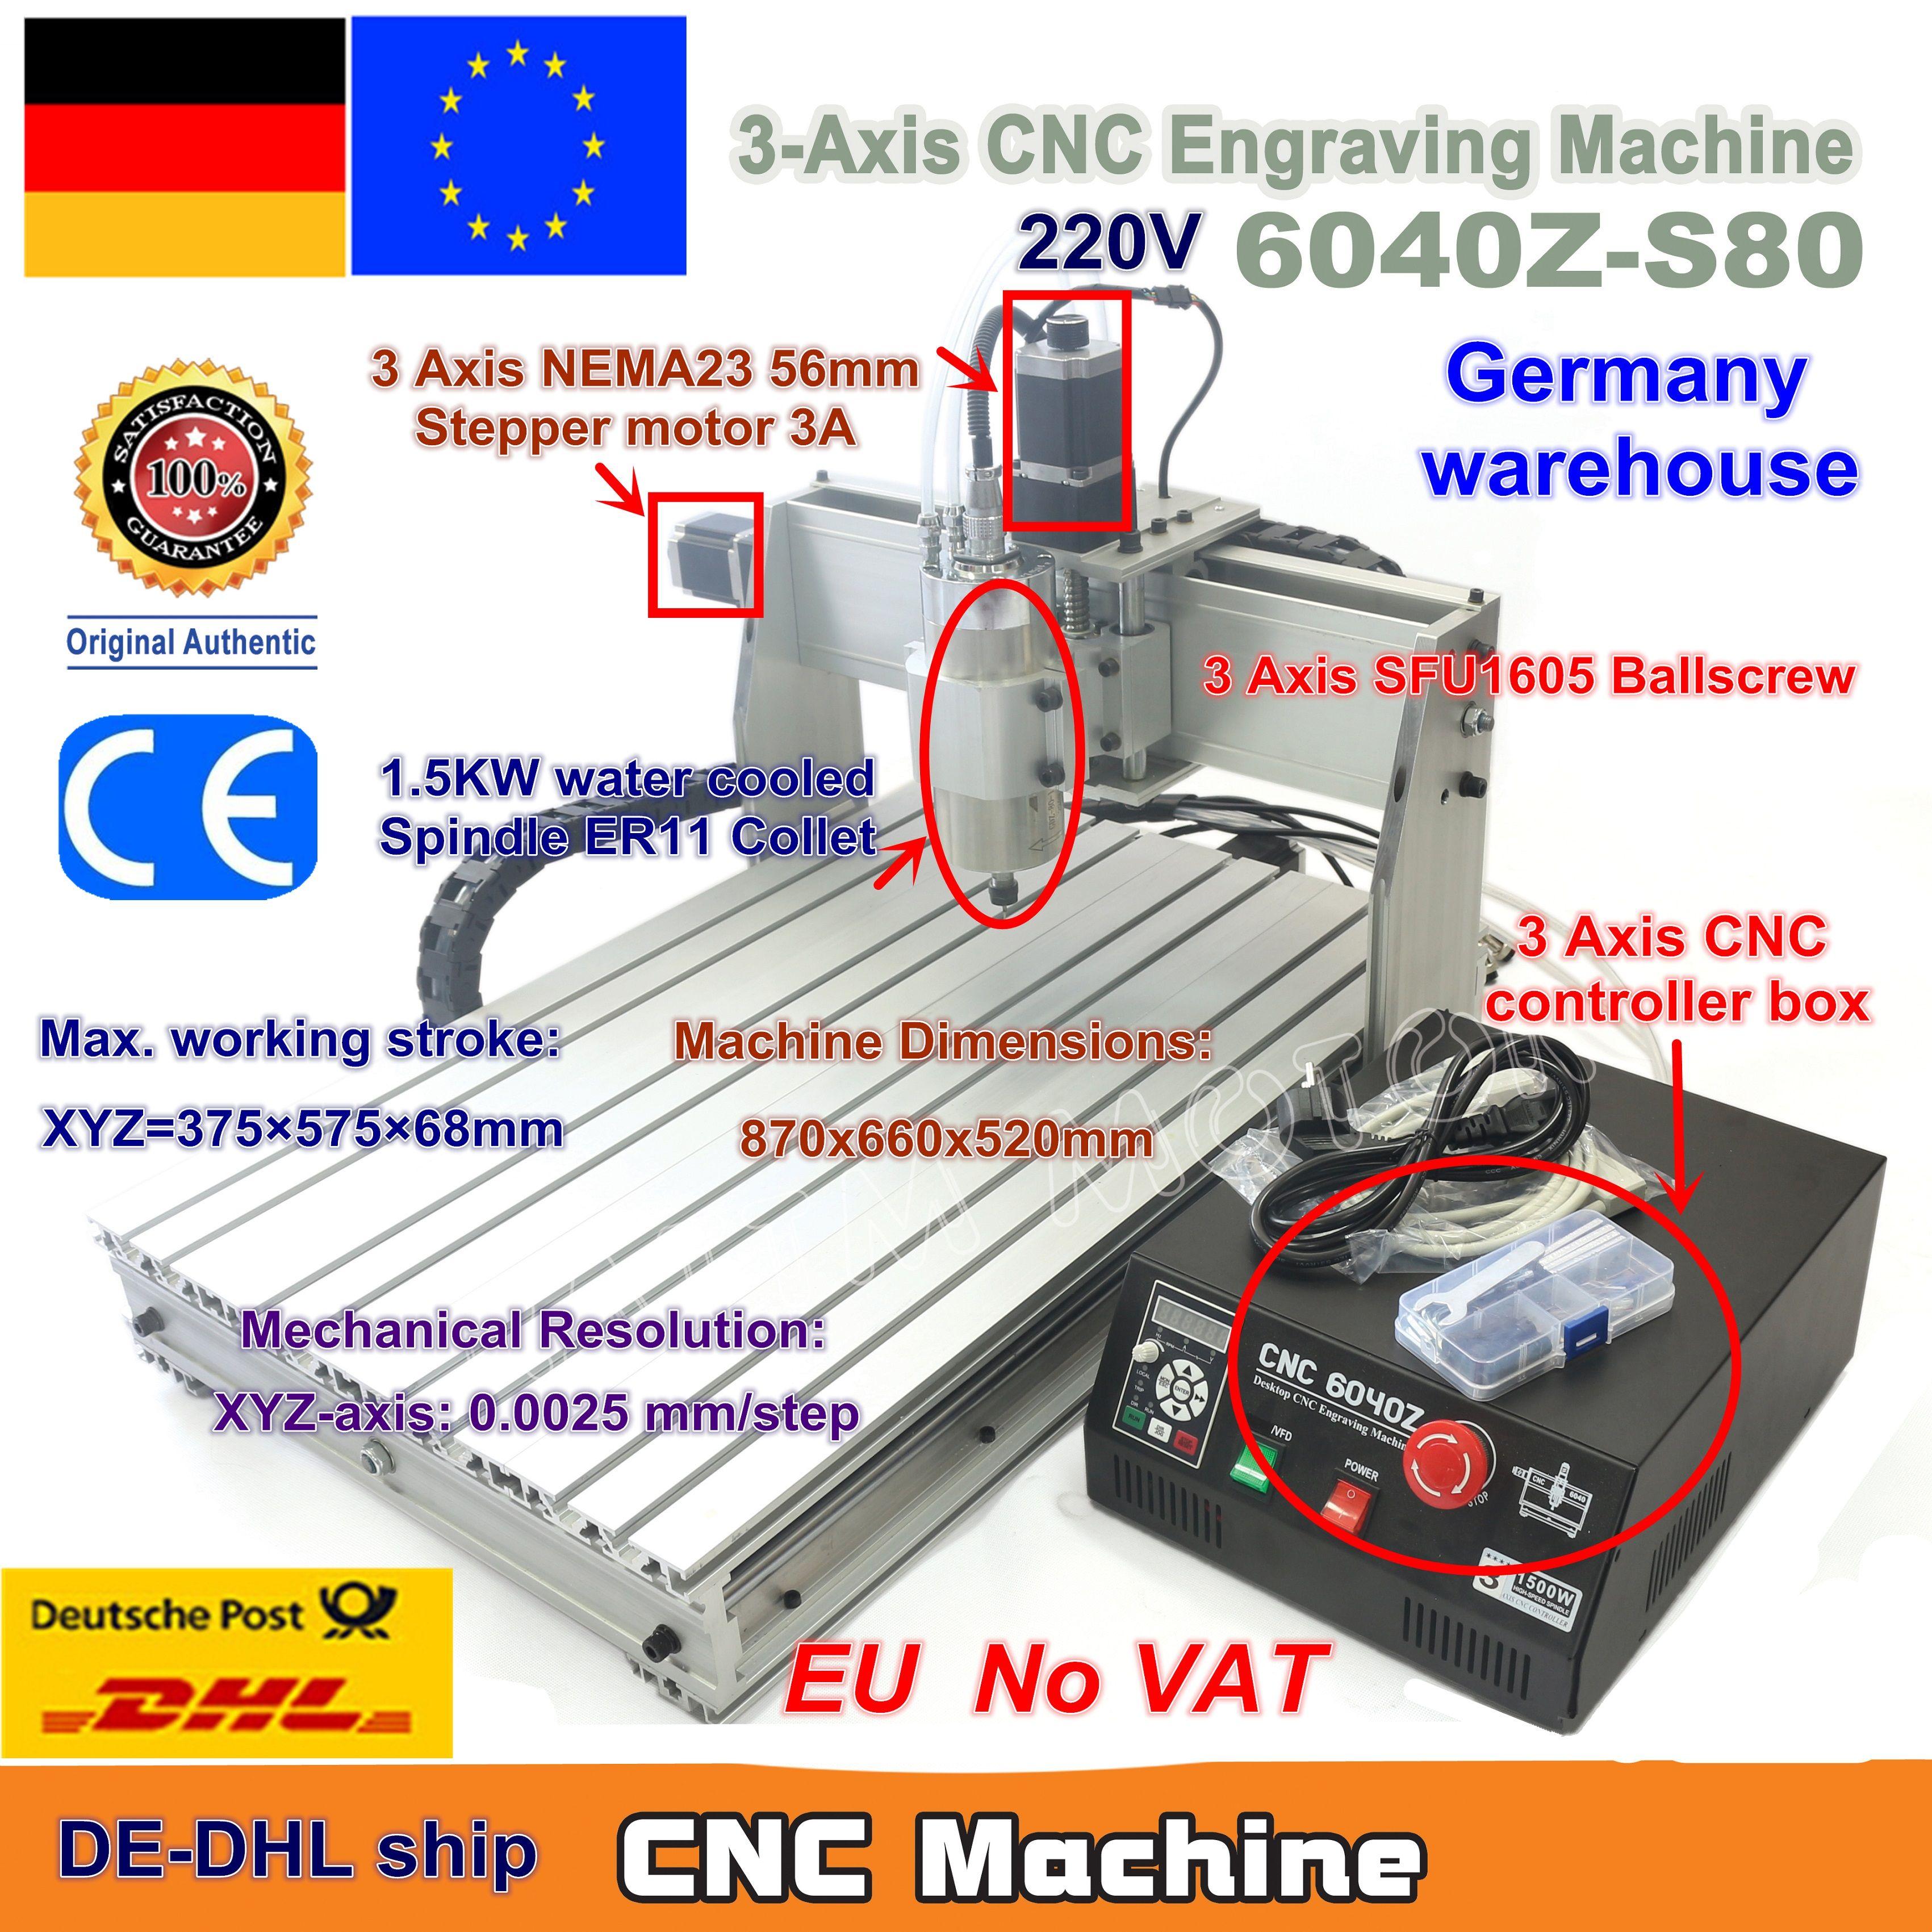 EU Schiff kostenloser MEHRWERTSTEUER 3 Achse Mach3 6040Z-S80 1500W 1.5KW Spindel Motor CNC Router Engraver Gravur Schneiden Fräsen Maschine 220VAC